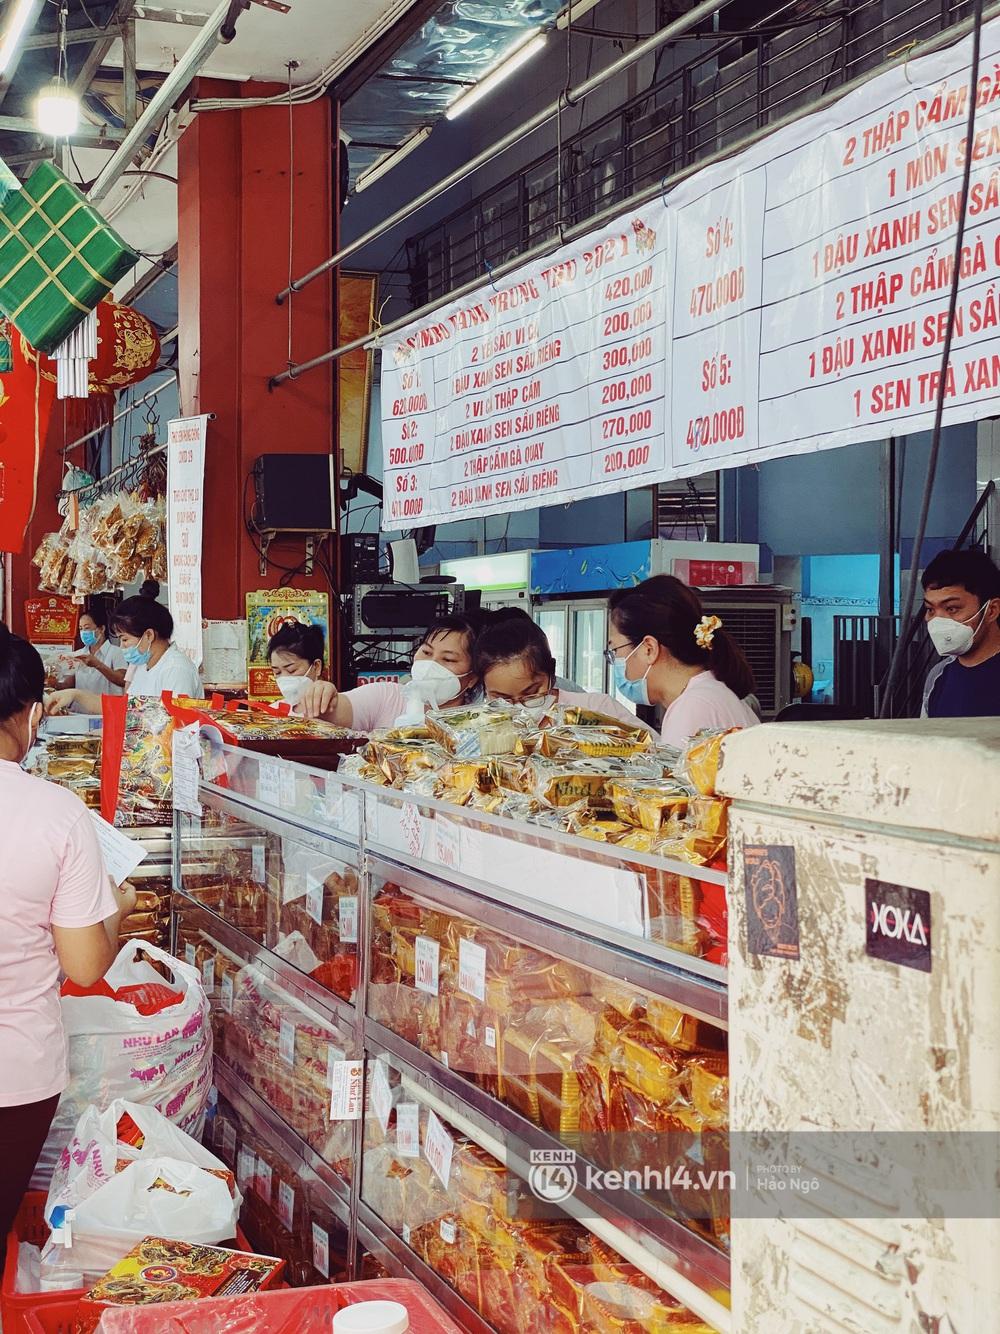 Xếp hàng mua bánh Trung thu Như Lan hot nhất Sài Gòn: Khách sộp mua 11 triệu tiền bánh, shipper đợi đến phát quạu - Ảnh 6.